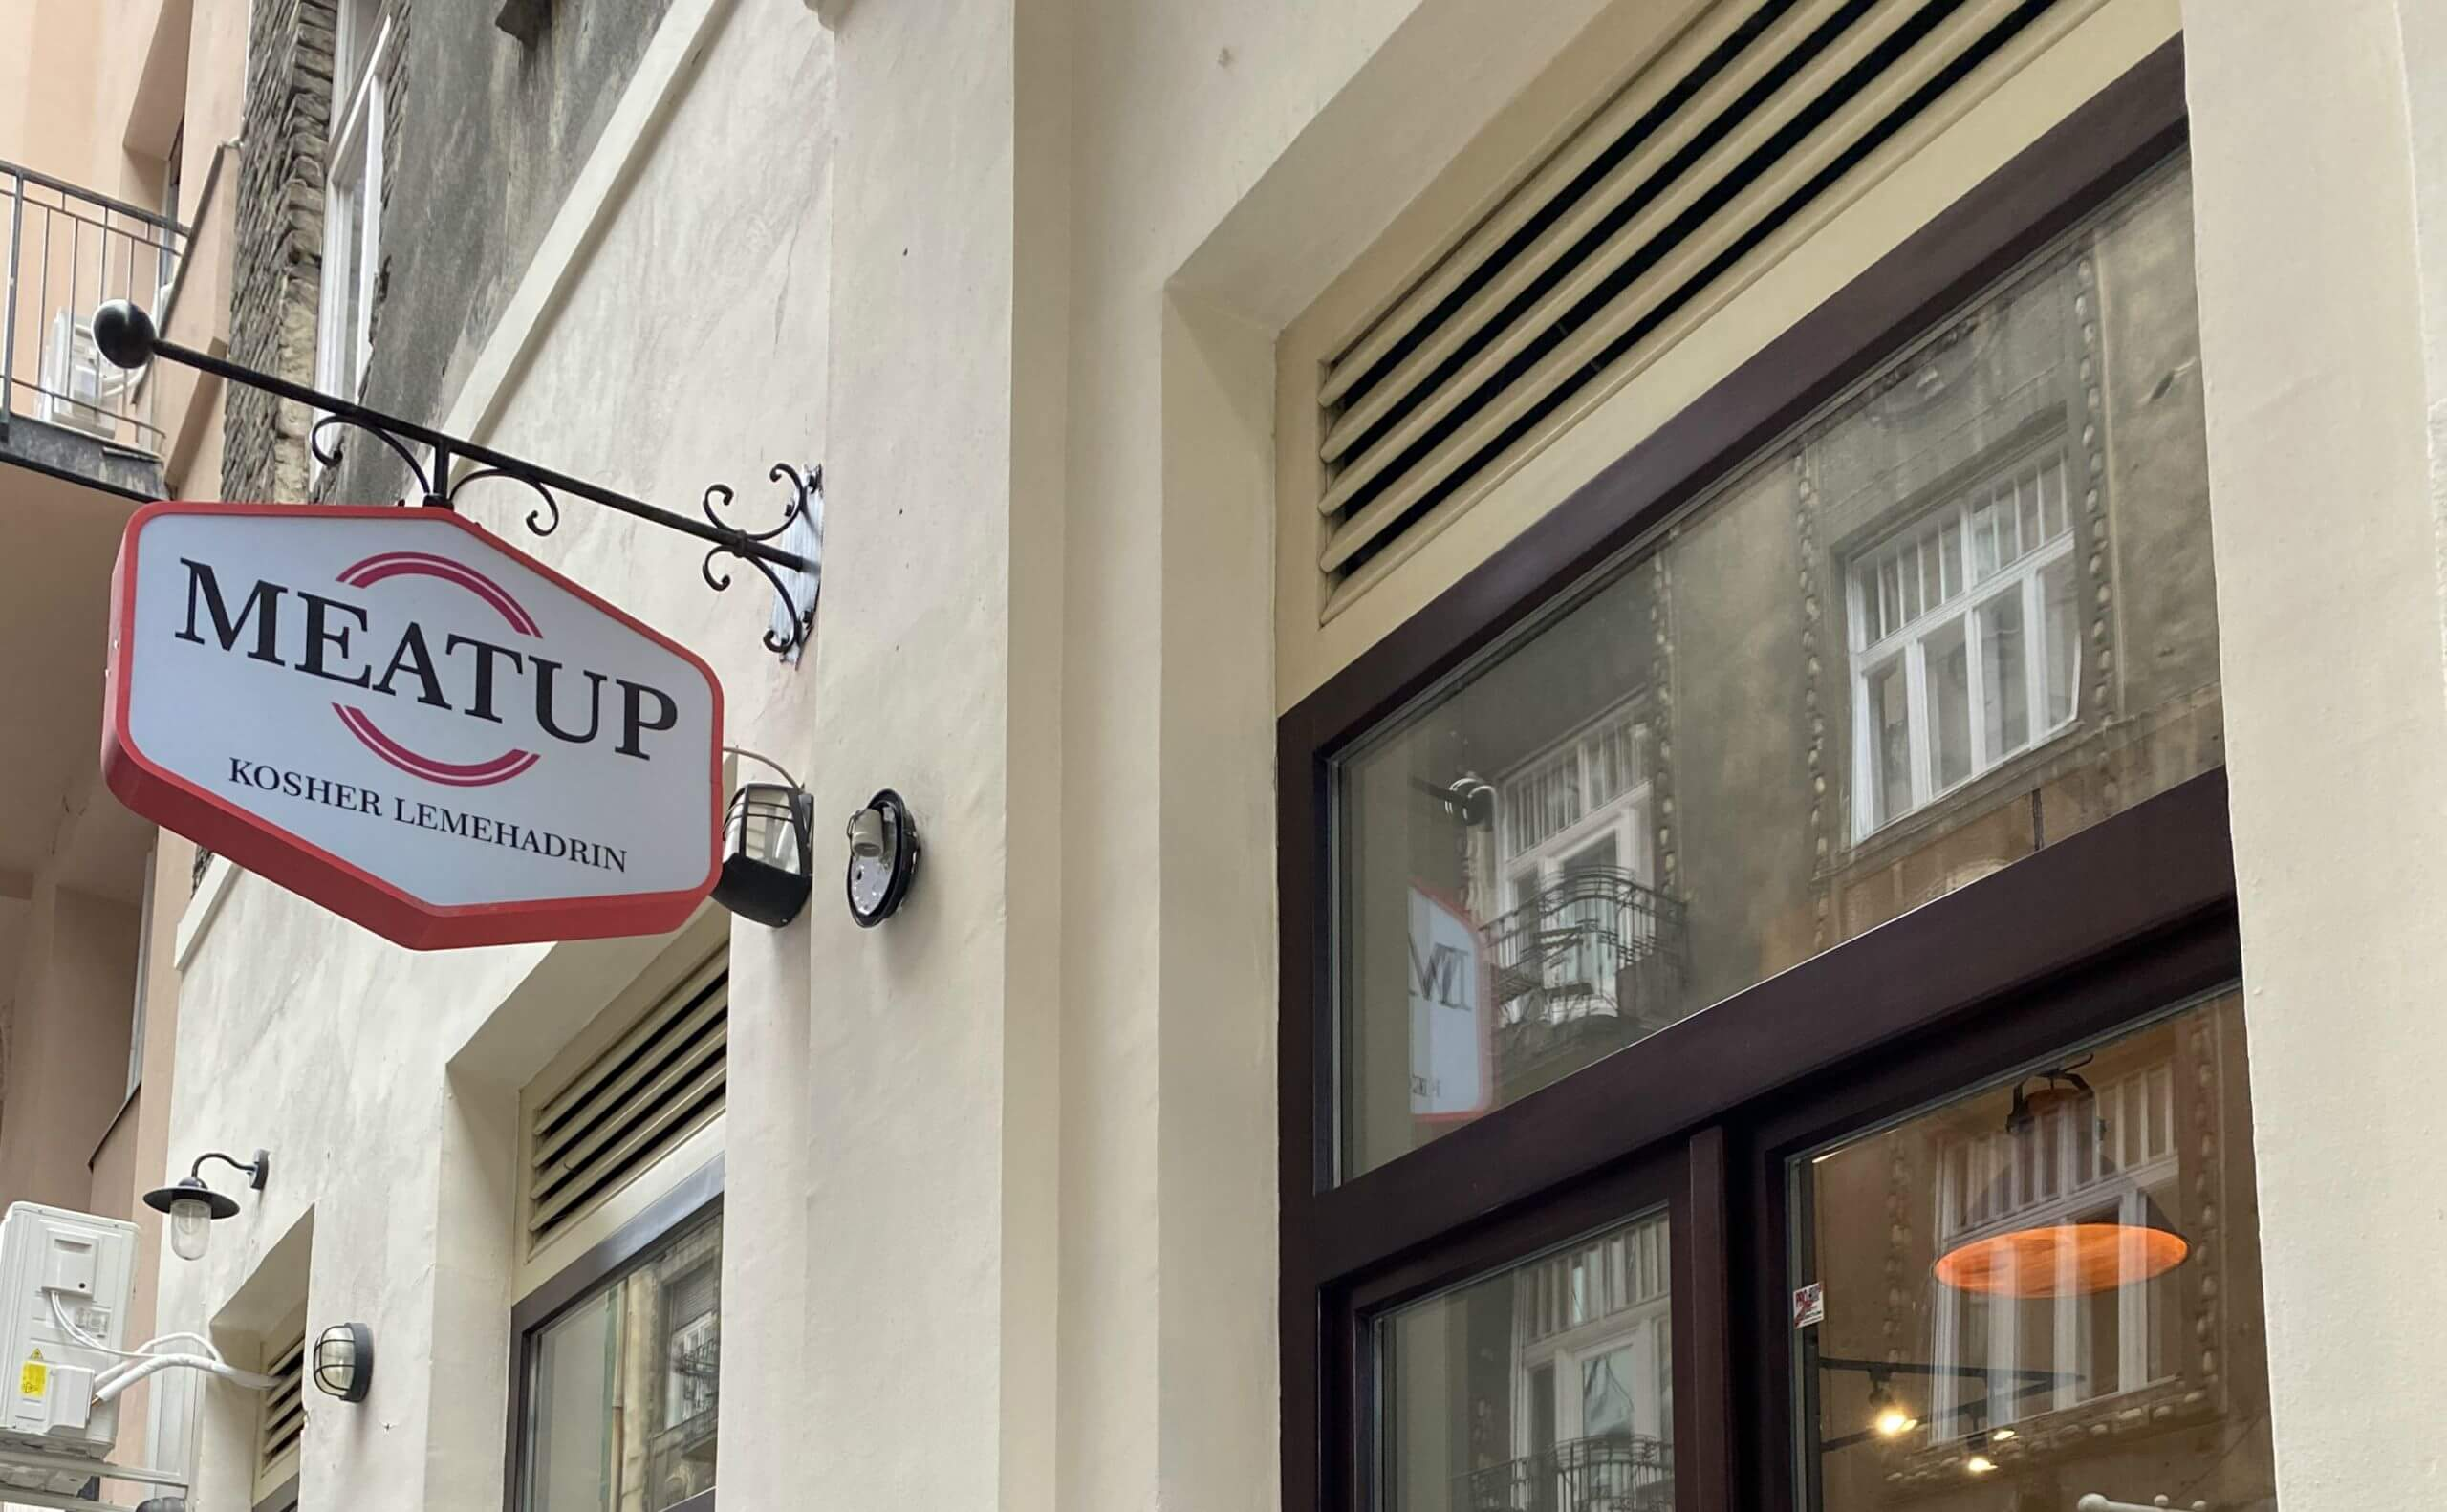 מסעדות כשרות בבודפשט מסעדת מיטאפ בשרית